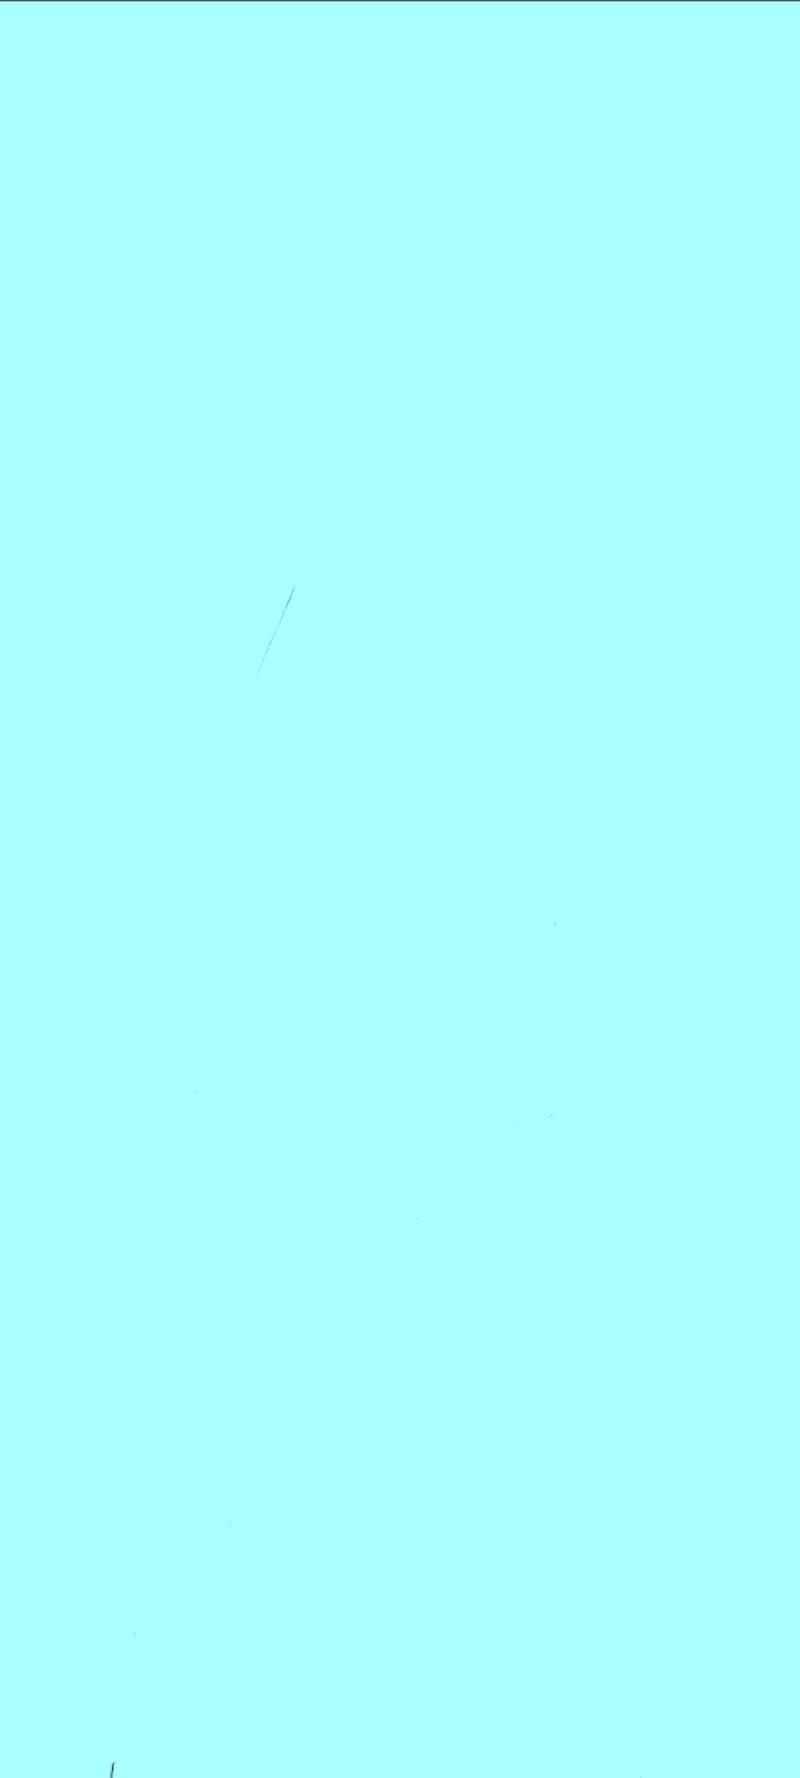 Fondo en hd de azul pastel liso